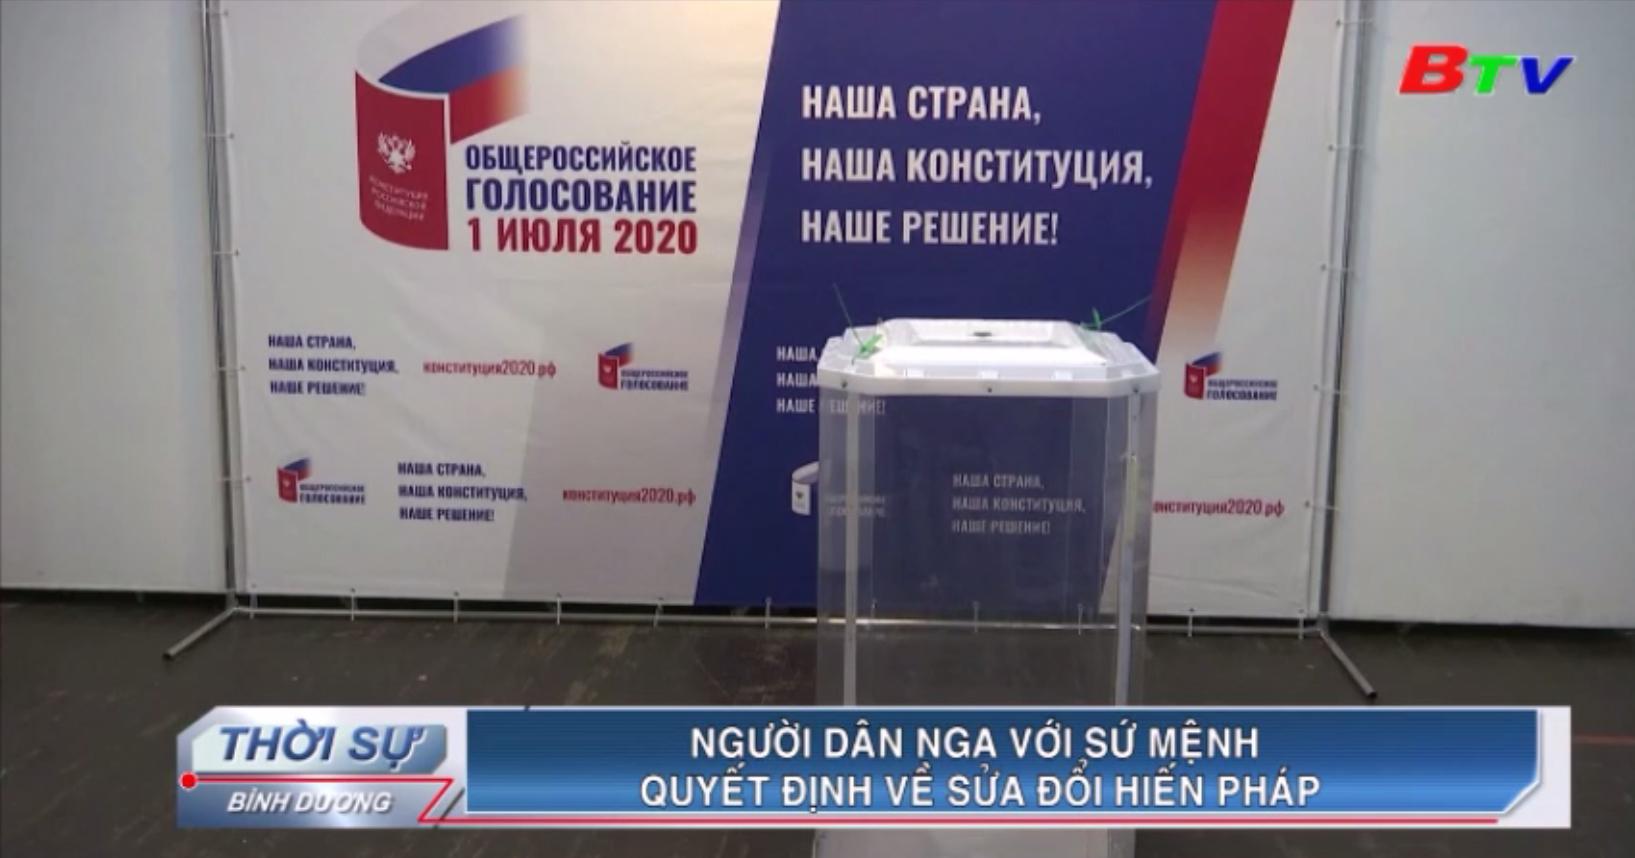 Người dân Nga với sứ mệnh quyết định về sửa đổi Hiến pháp